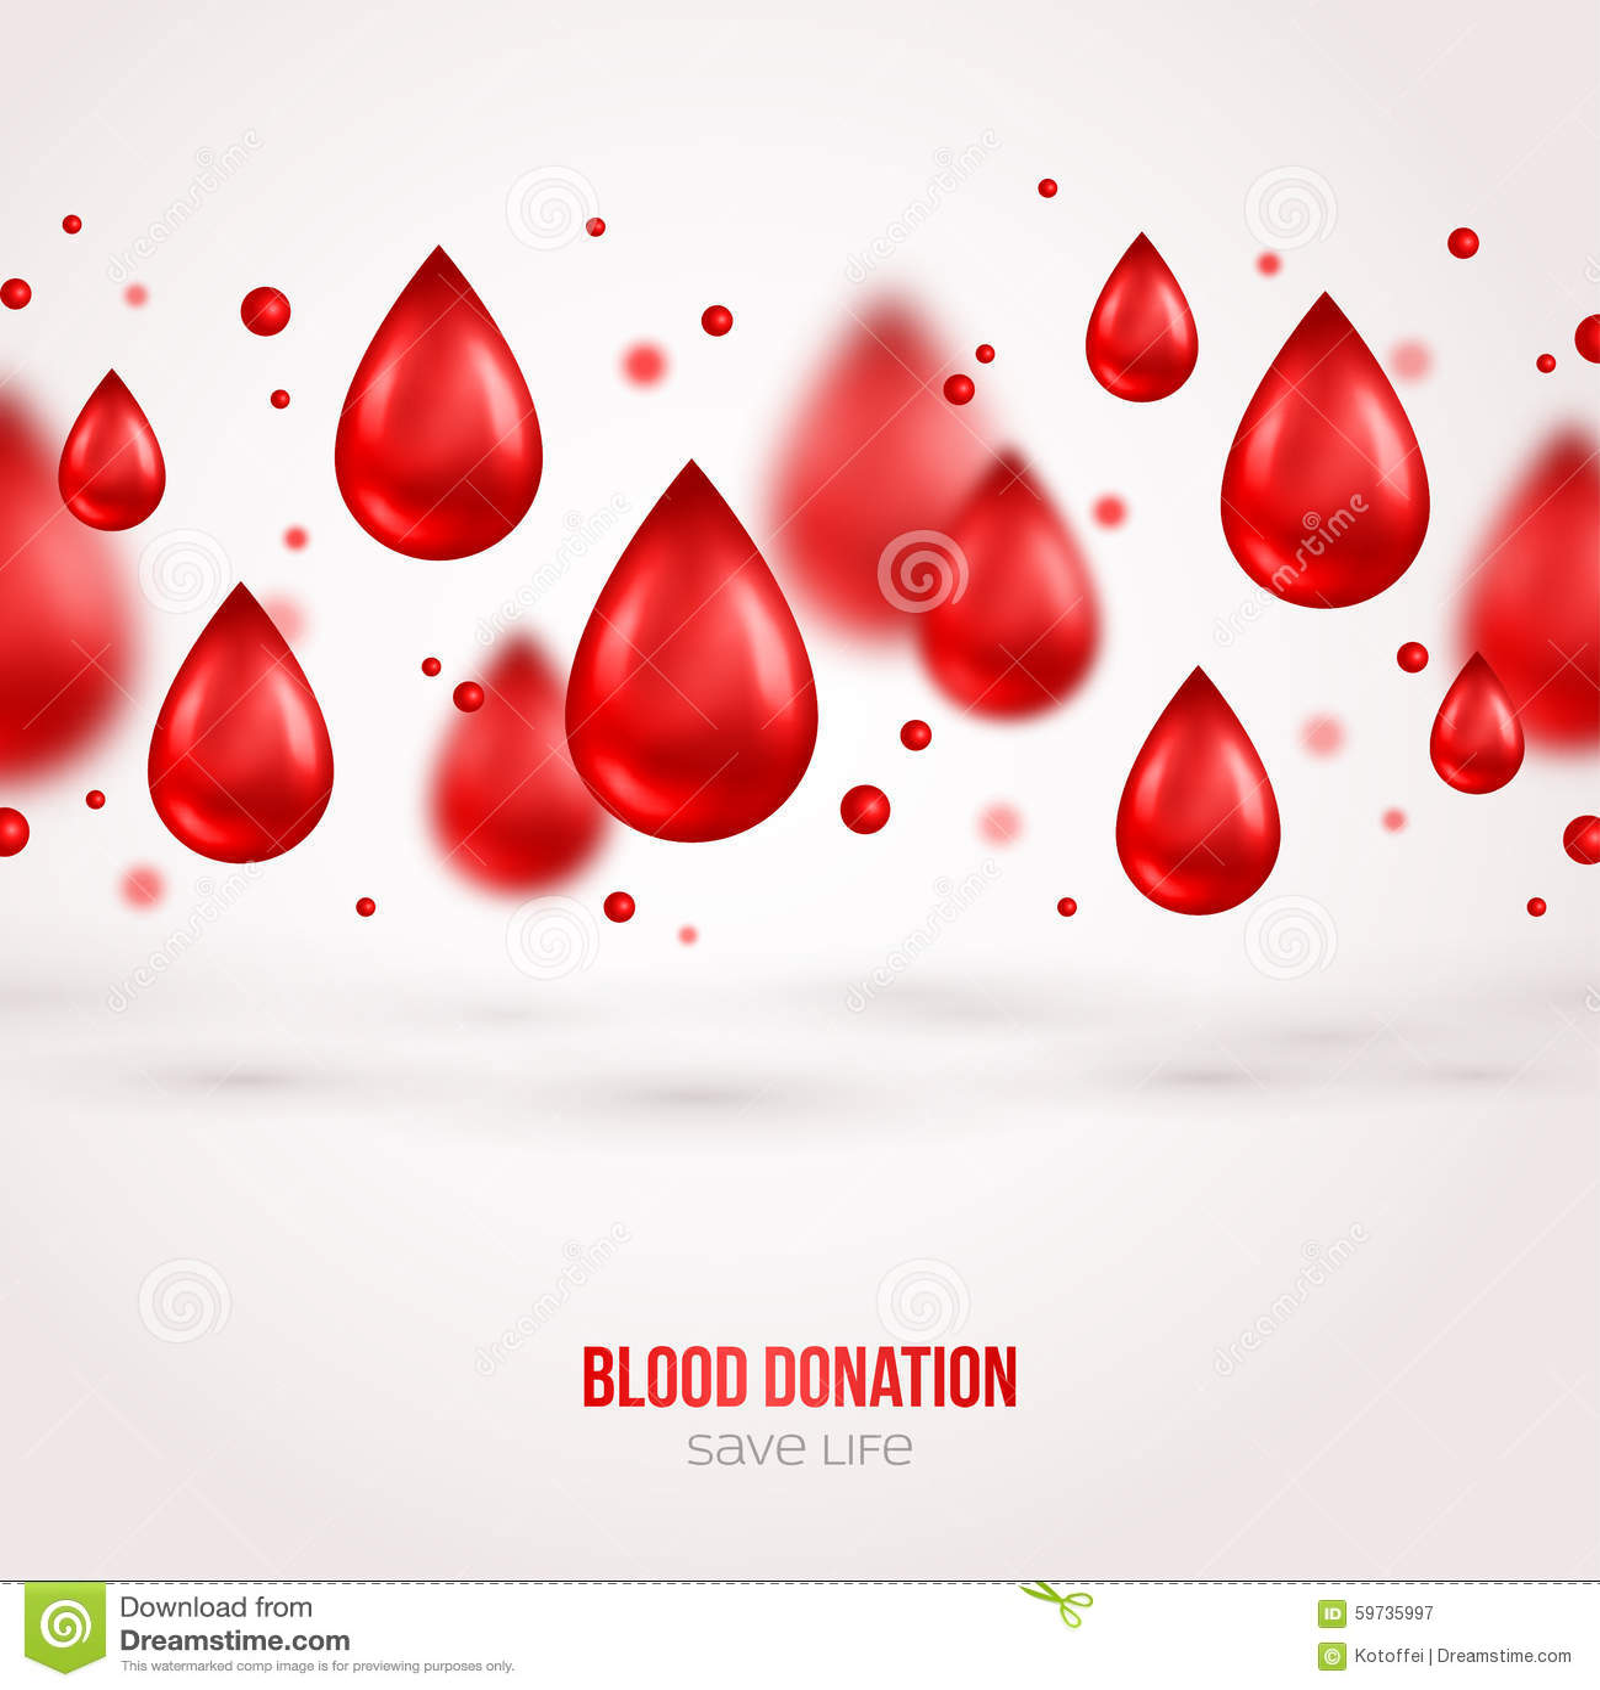 Poster design on blood donation - Banner Blood Design Donation